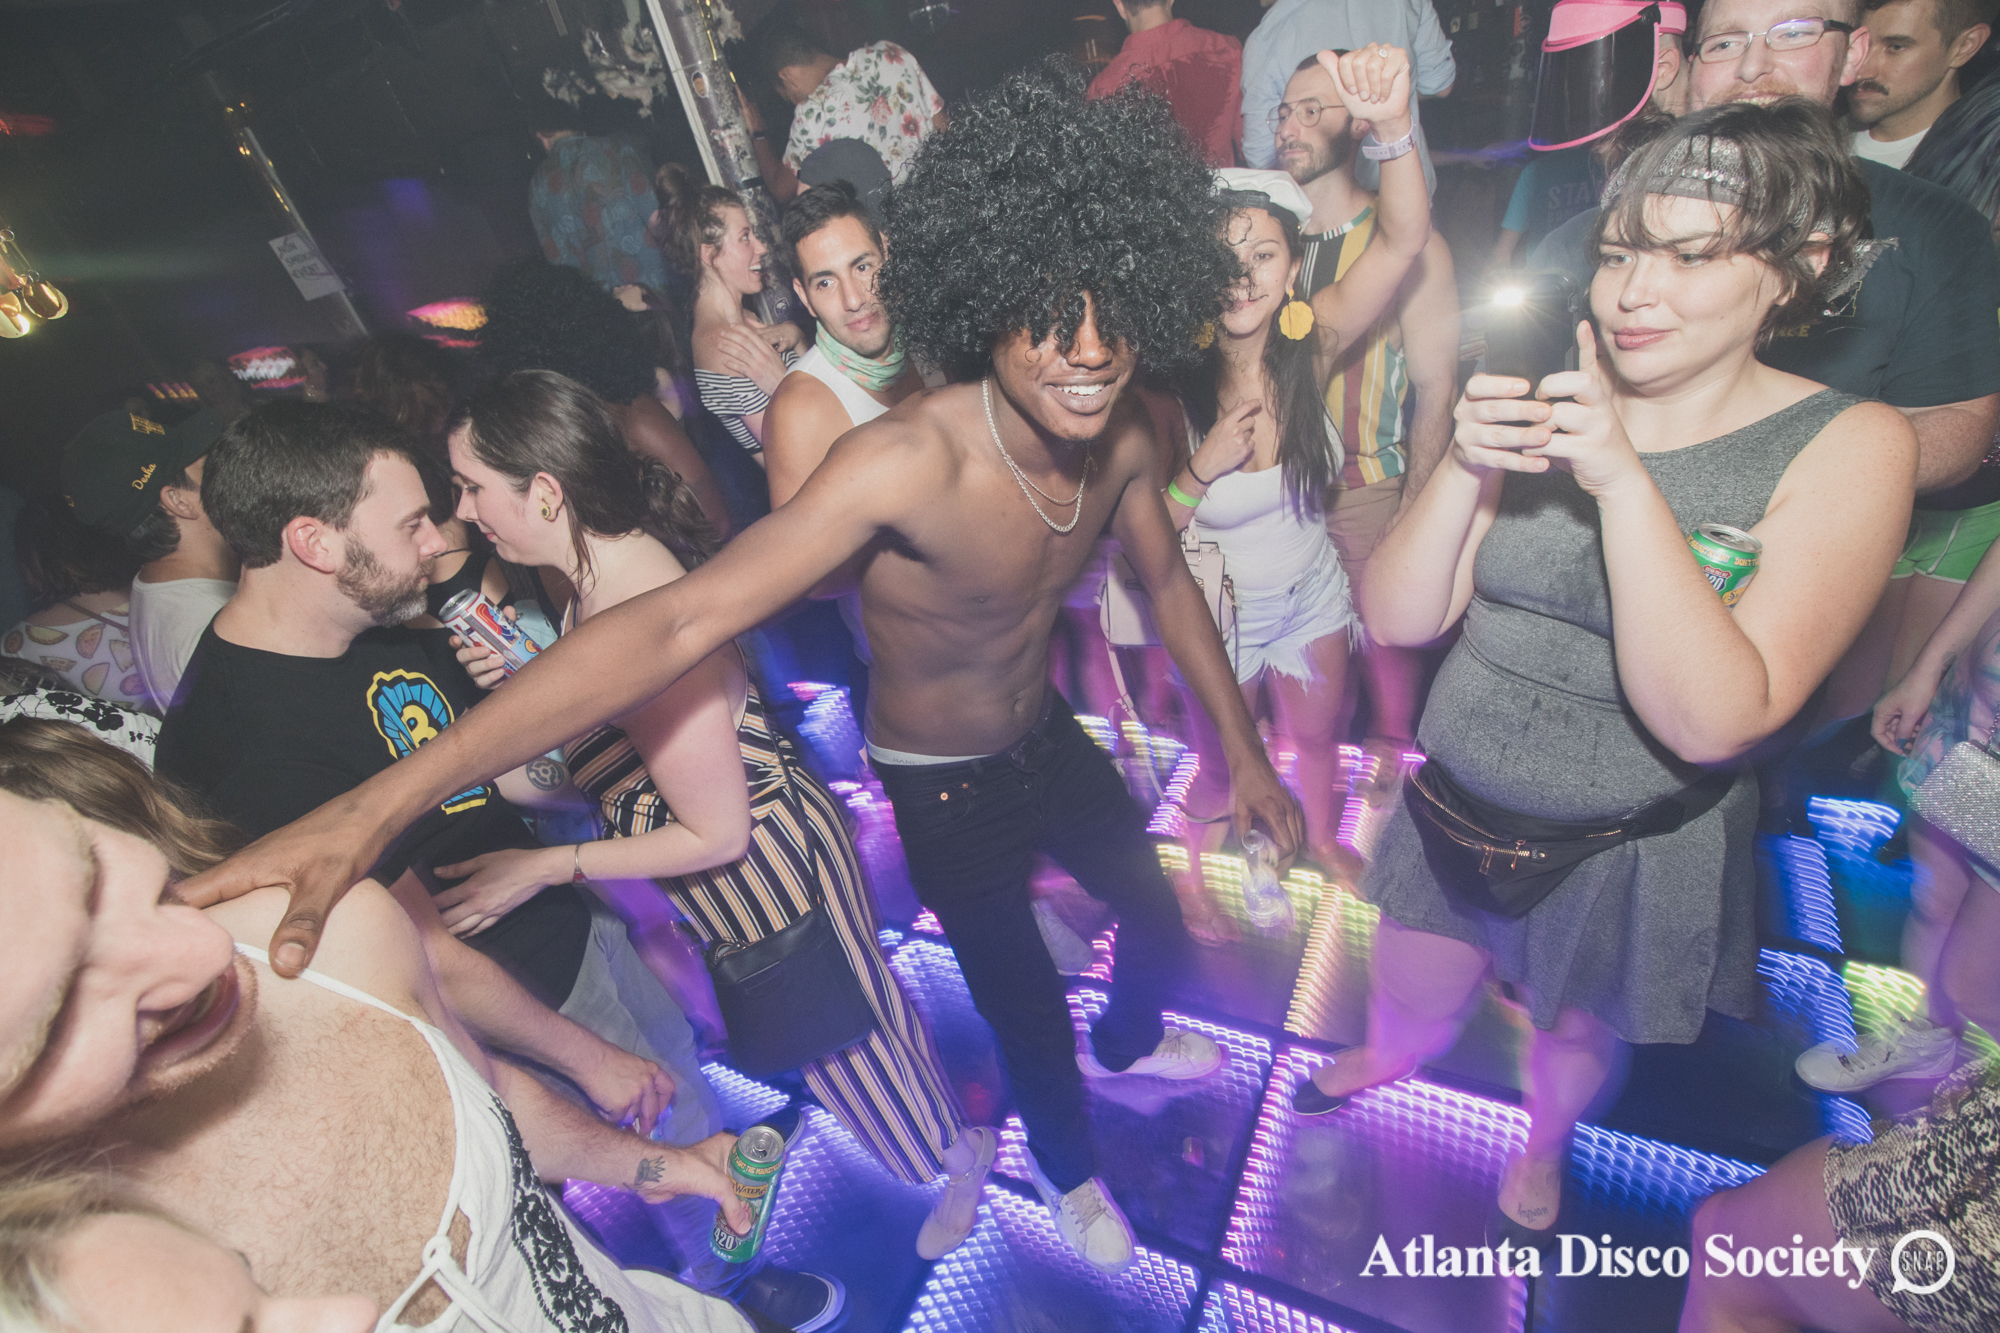 167Atlanta Disco Society Grace Kelly Oh Snap Kid 7.27.19.jpg